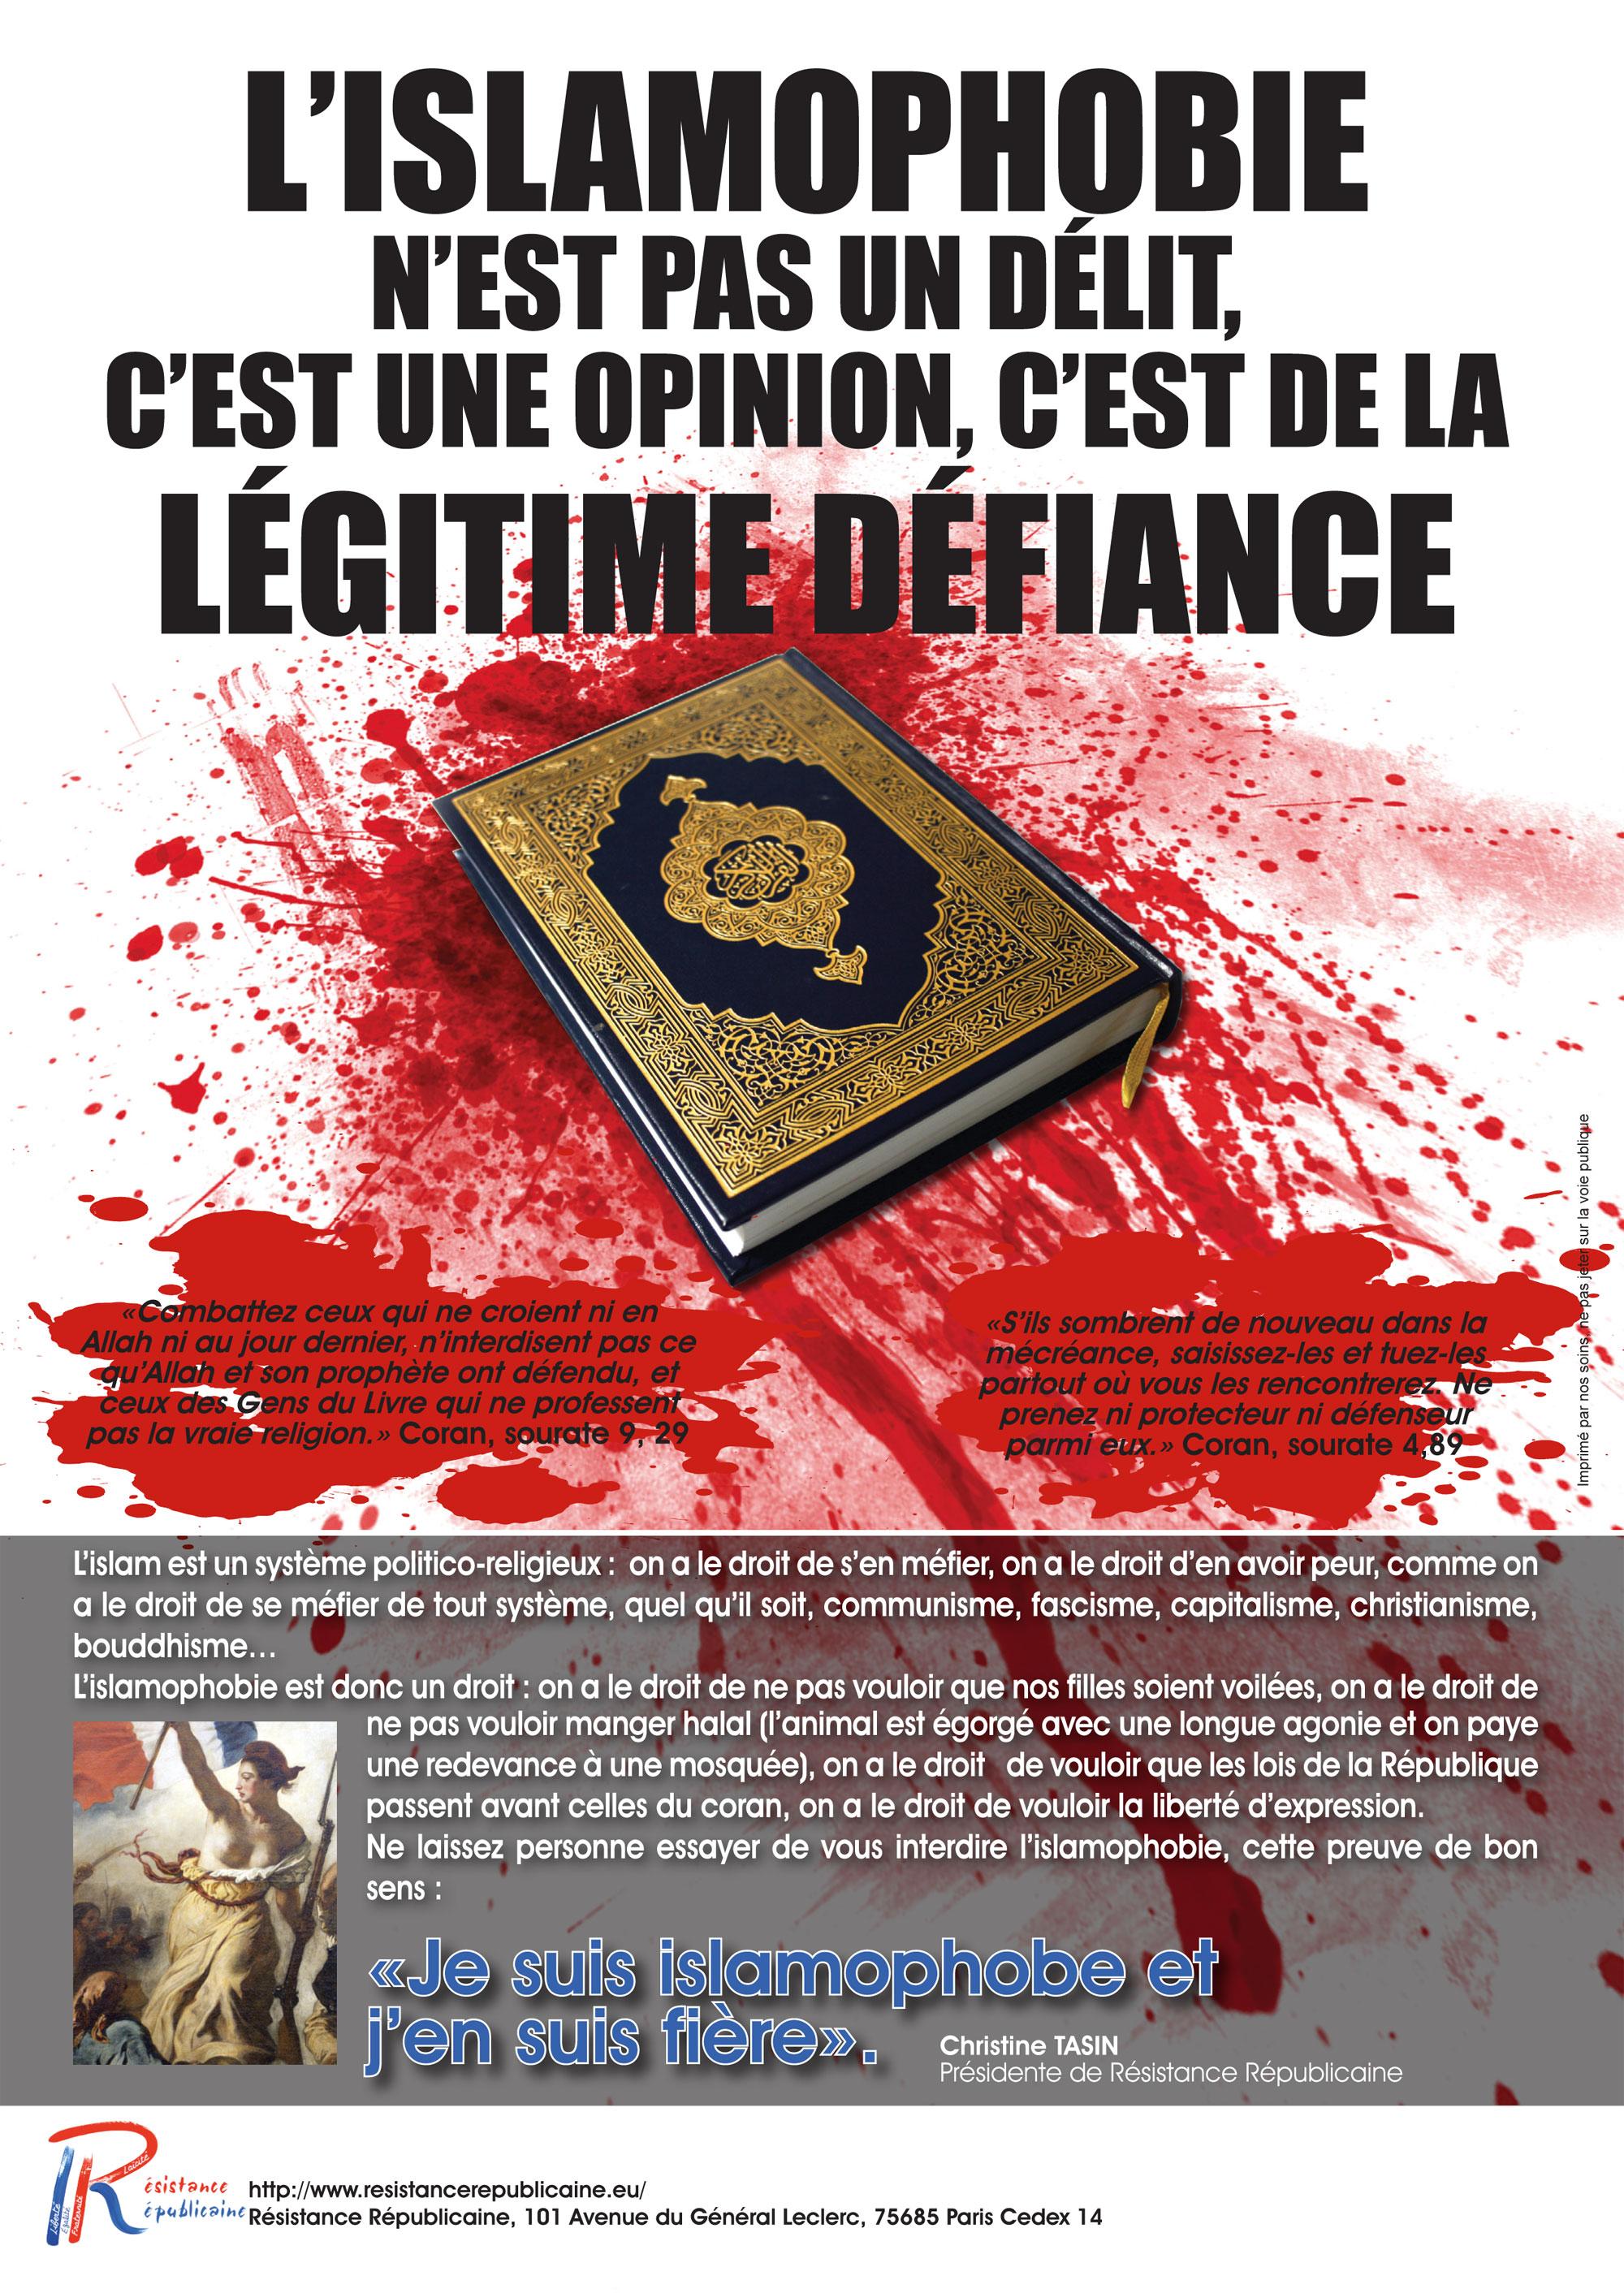 Ça suffit ! La haine de l'autre, ce n'est pas l'islamophobie, c'est l'islam !